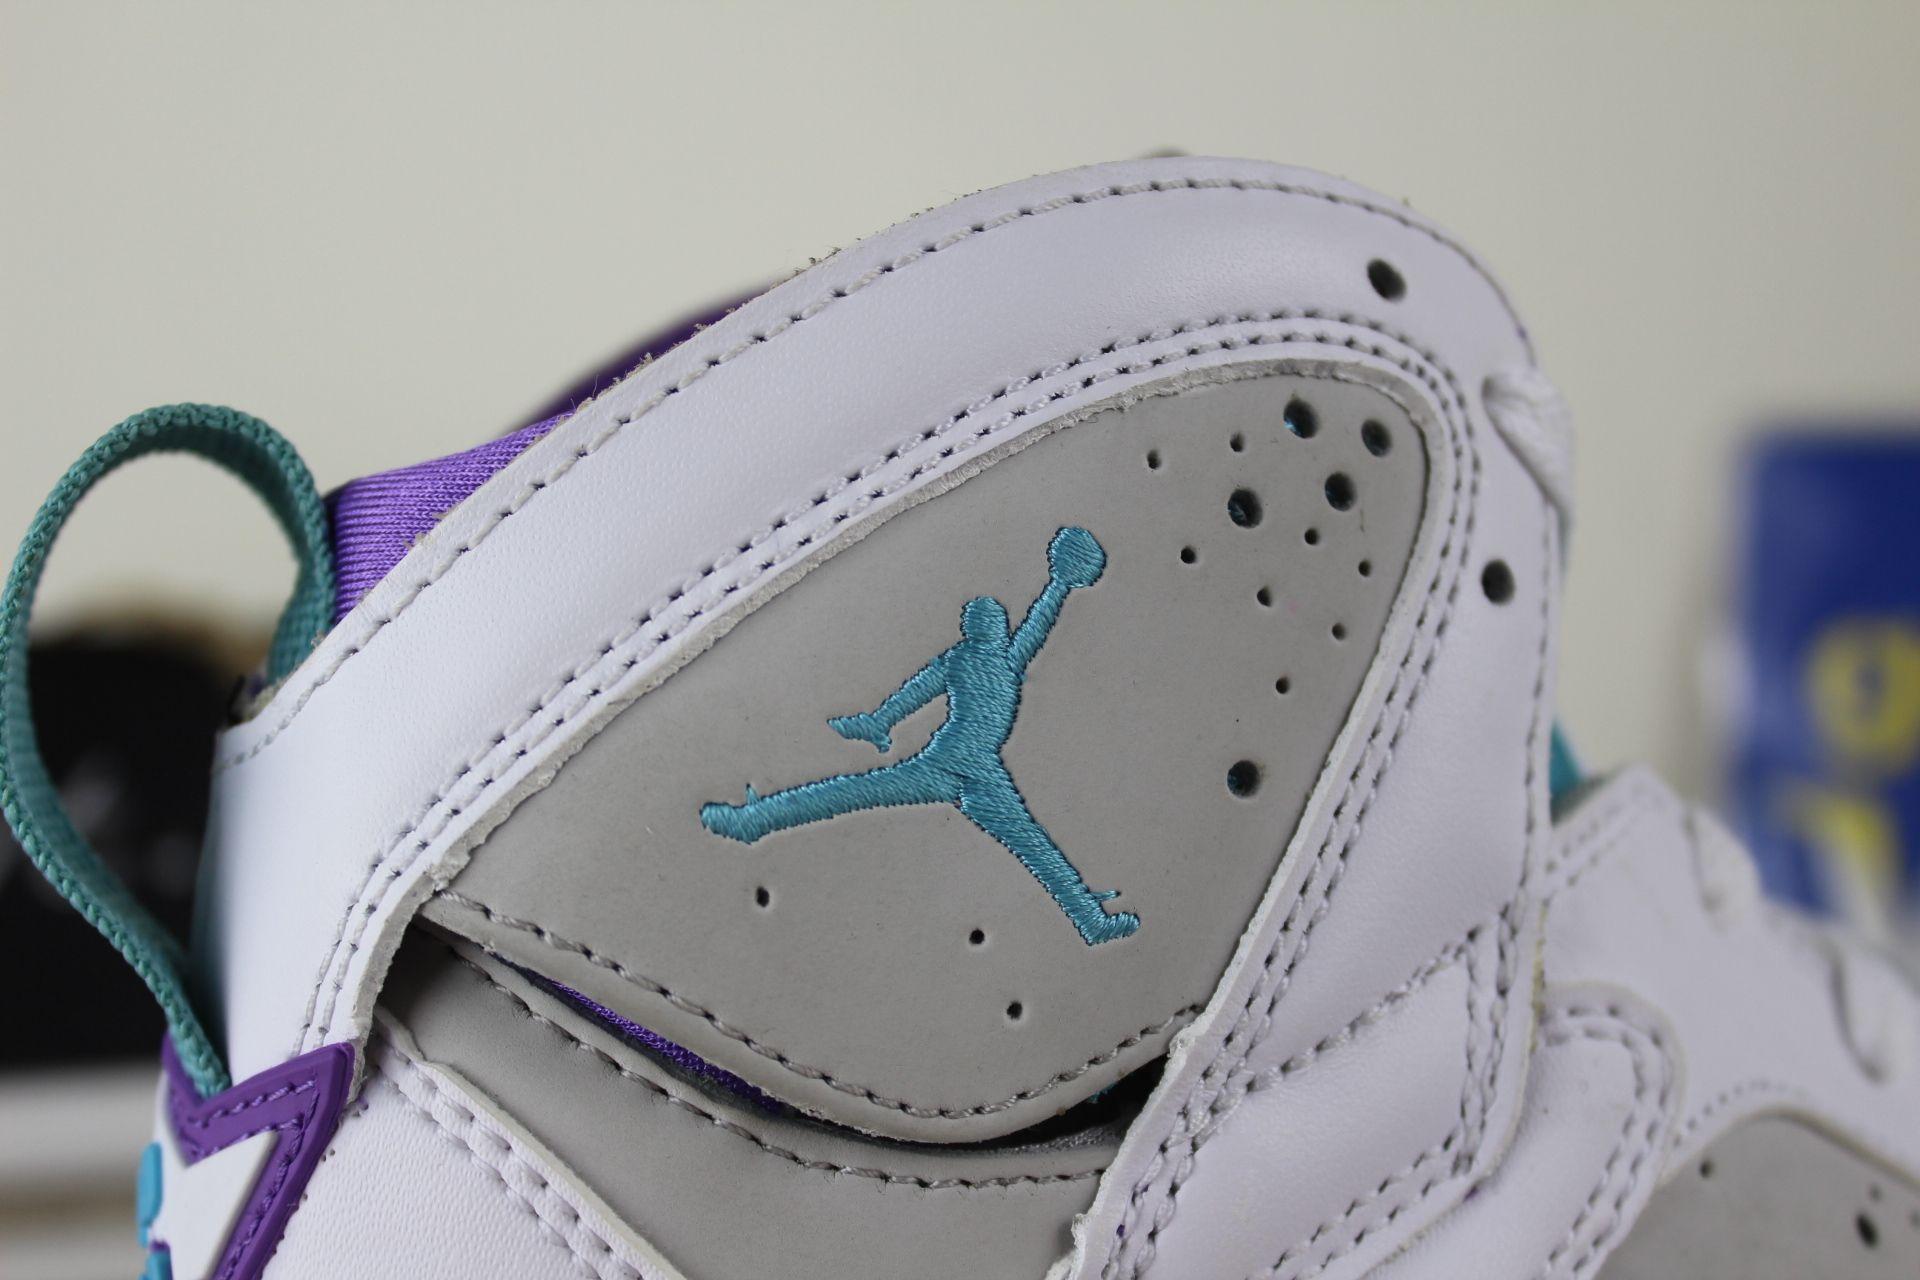 competitive price df911 26310 ... Air Jordan 7 Retro Easter GS, jumpman logo ...